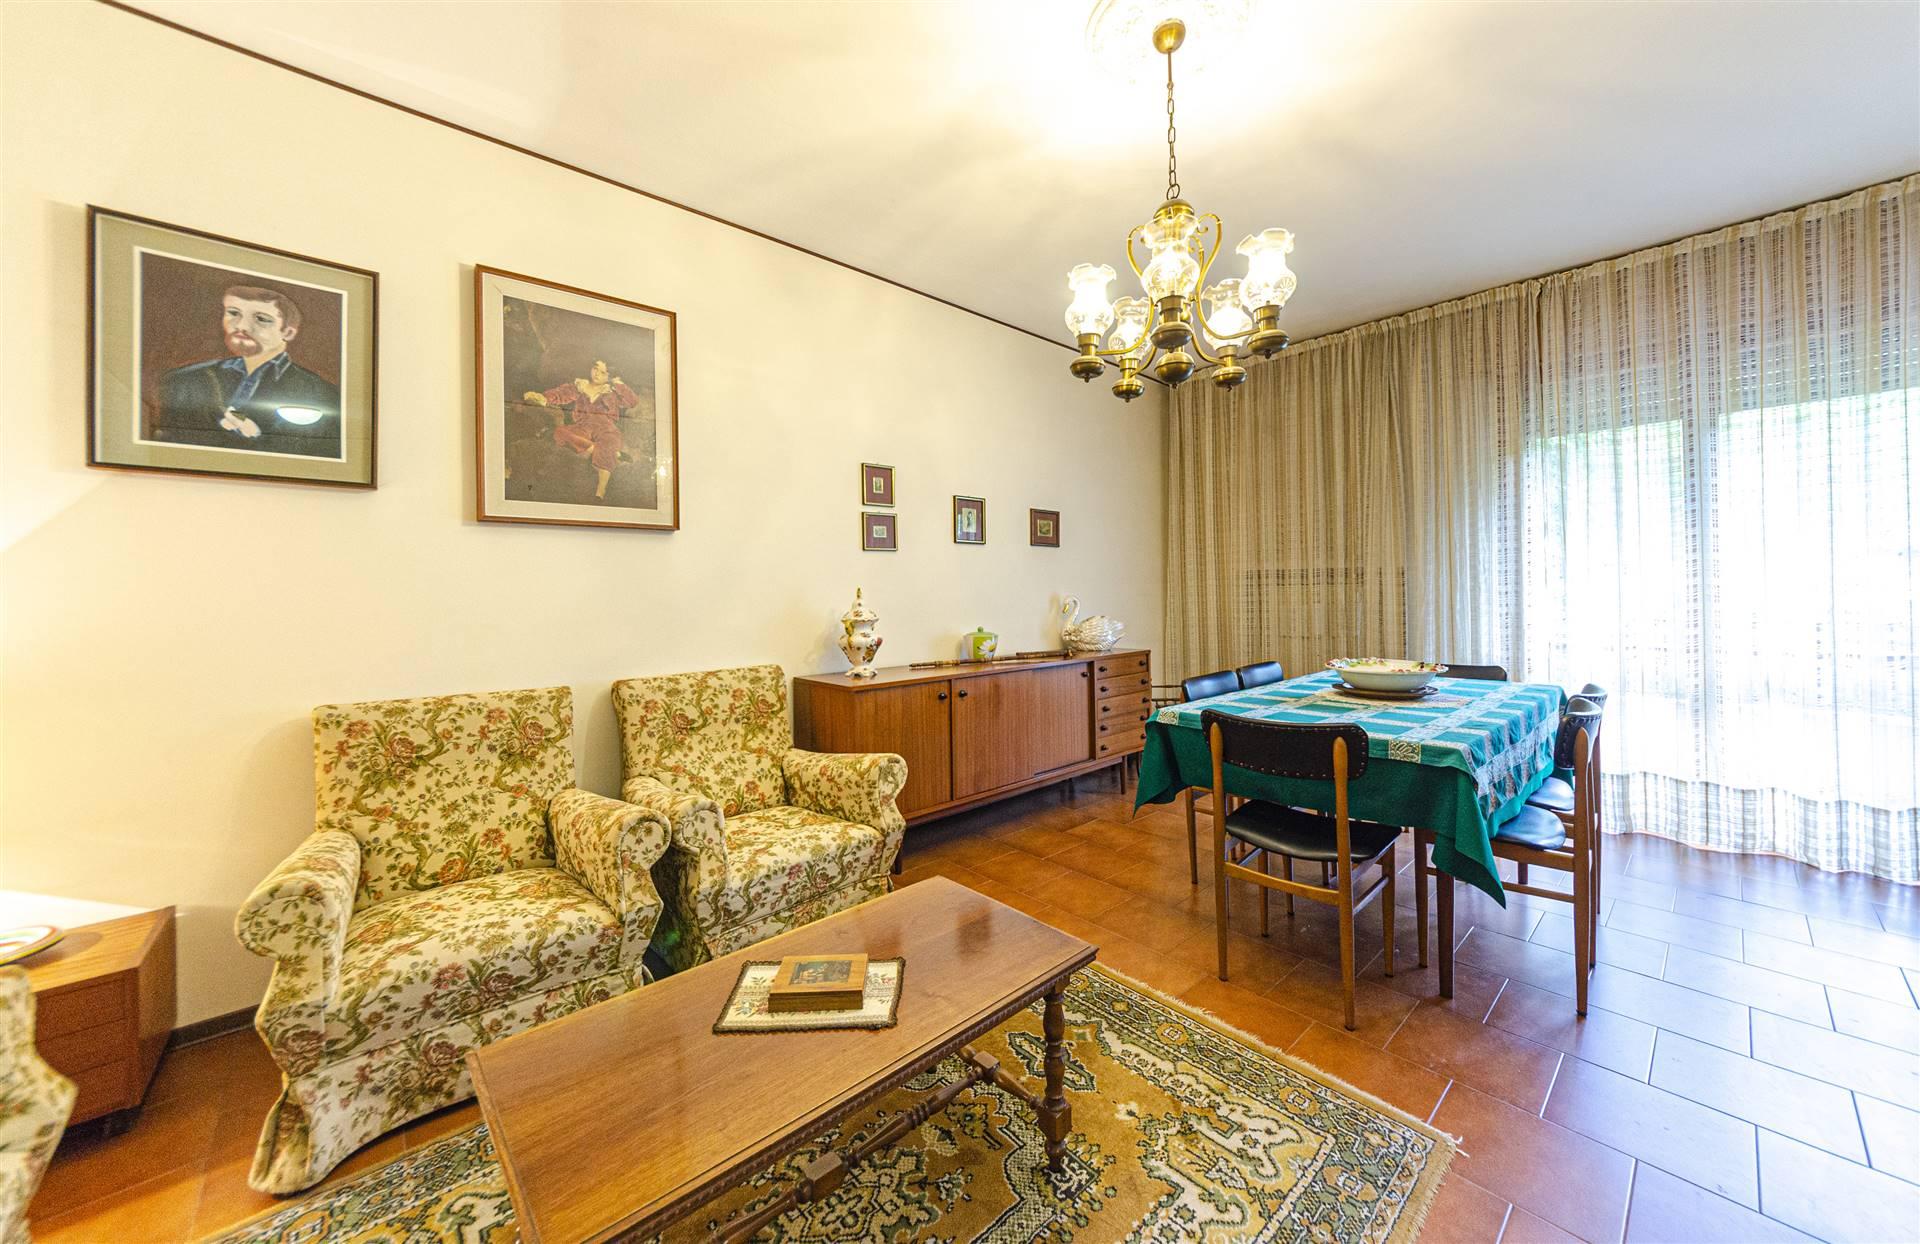 Appartamento in vendita a Mirano, 4 locali, prezzo € 130.000 | CambioCasa.it